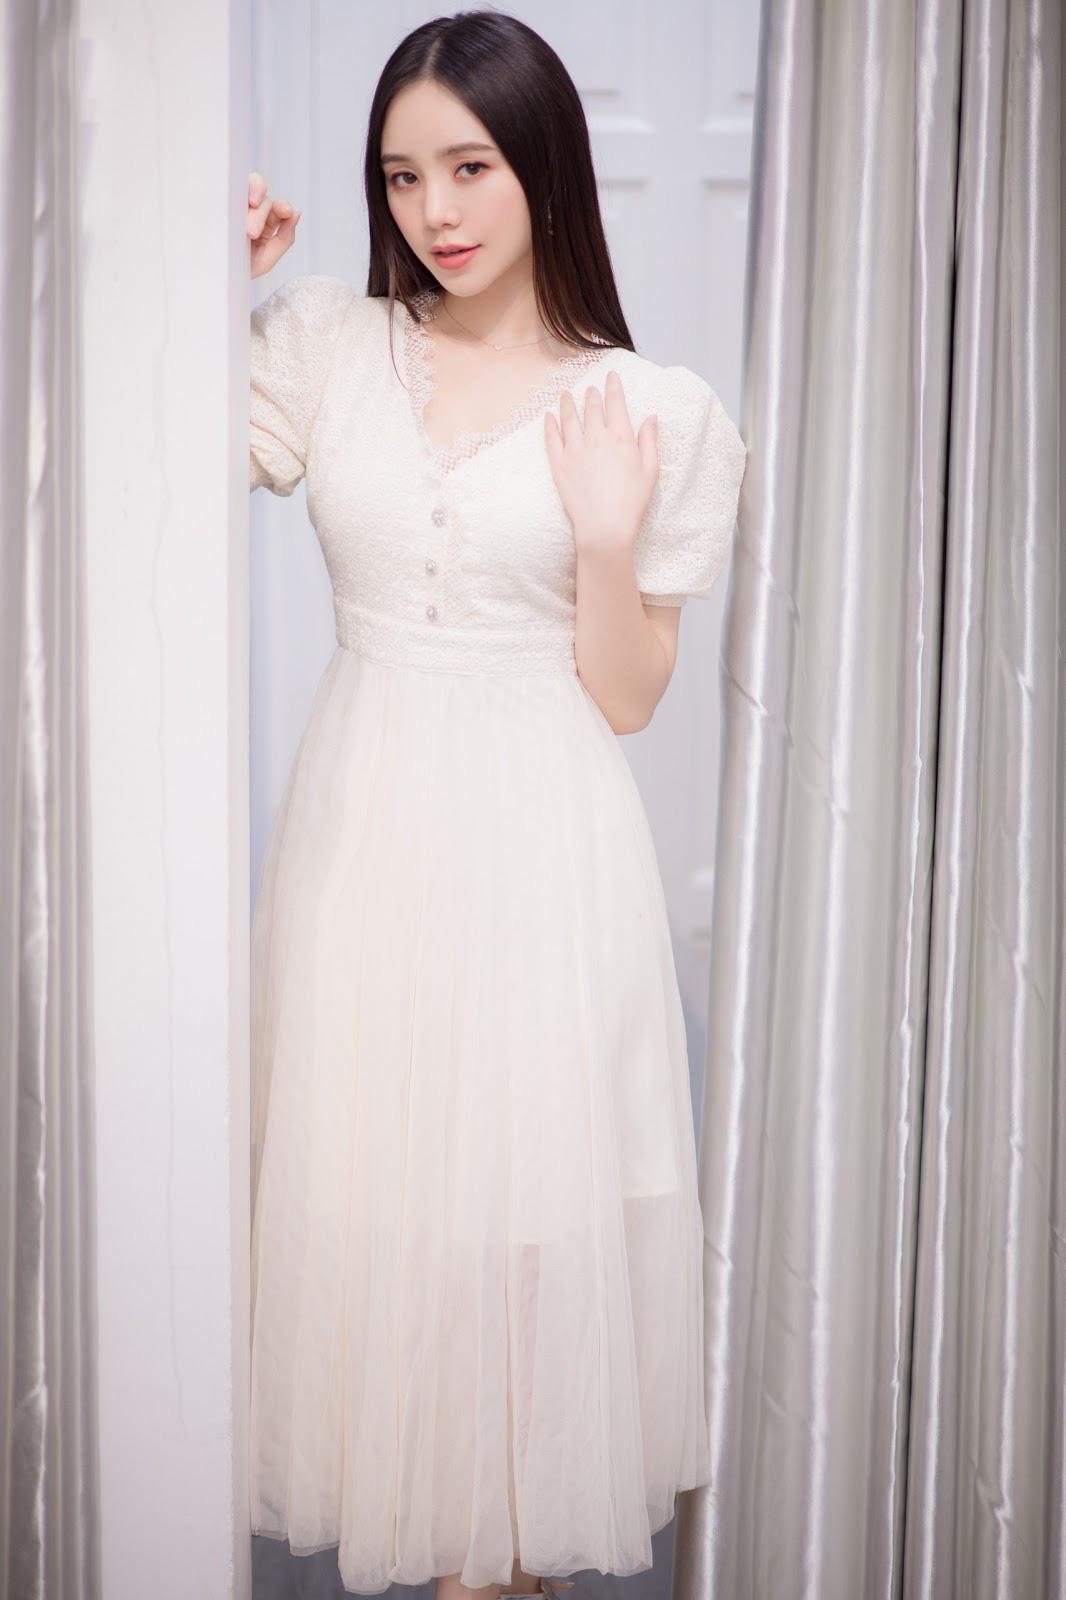 Thu đến rồi, nghe diễn viên Quỳnh Kool mách những item váy vóc cho quý cô sành điệu - Ảnh 2.